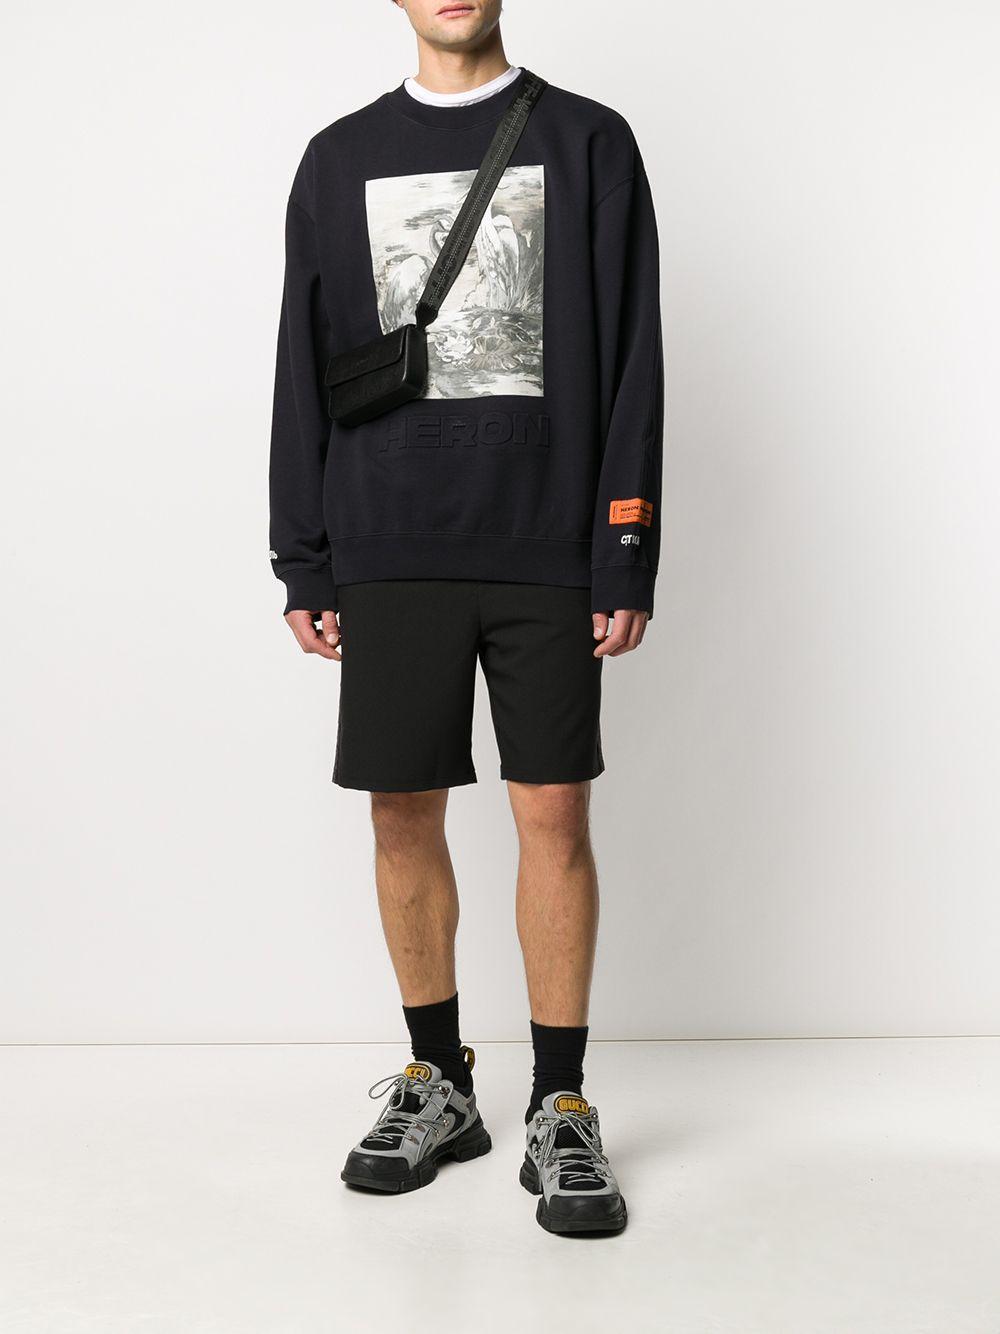 Heron Preston Katoen Sweater Met Vogelprint in het Zwart voor heren